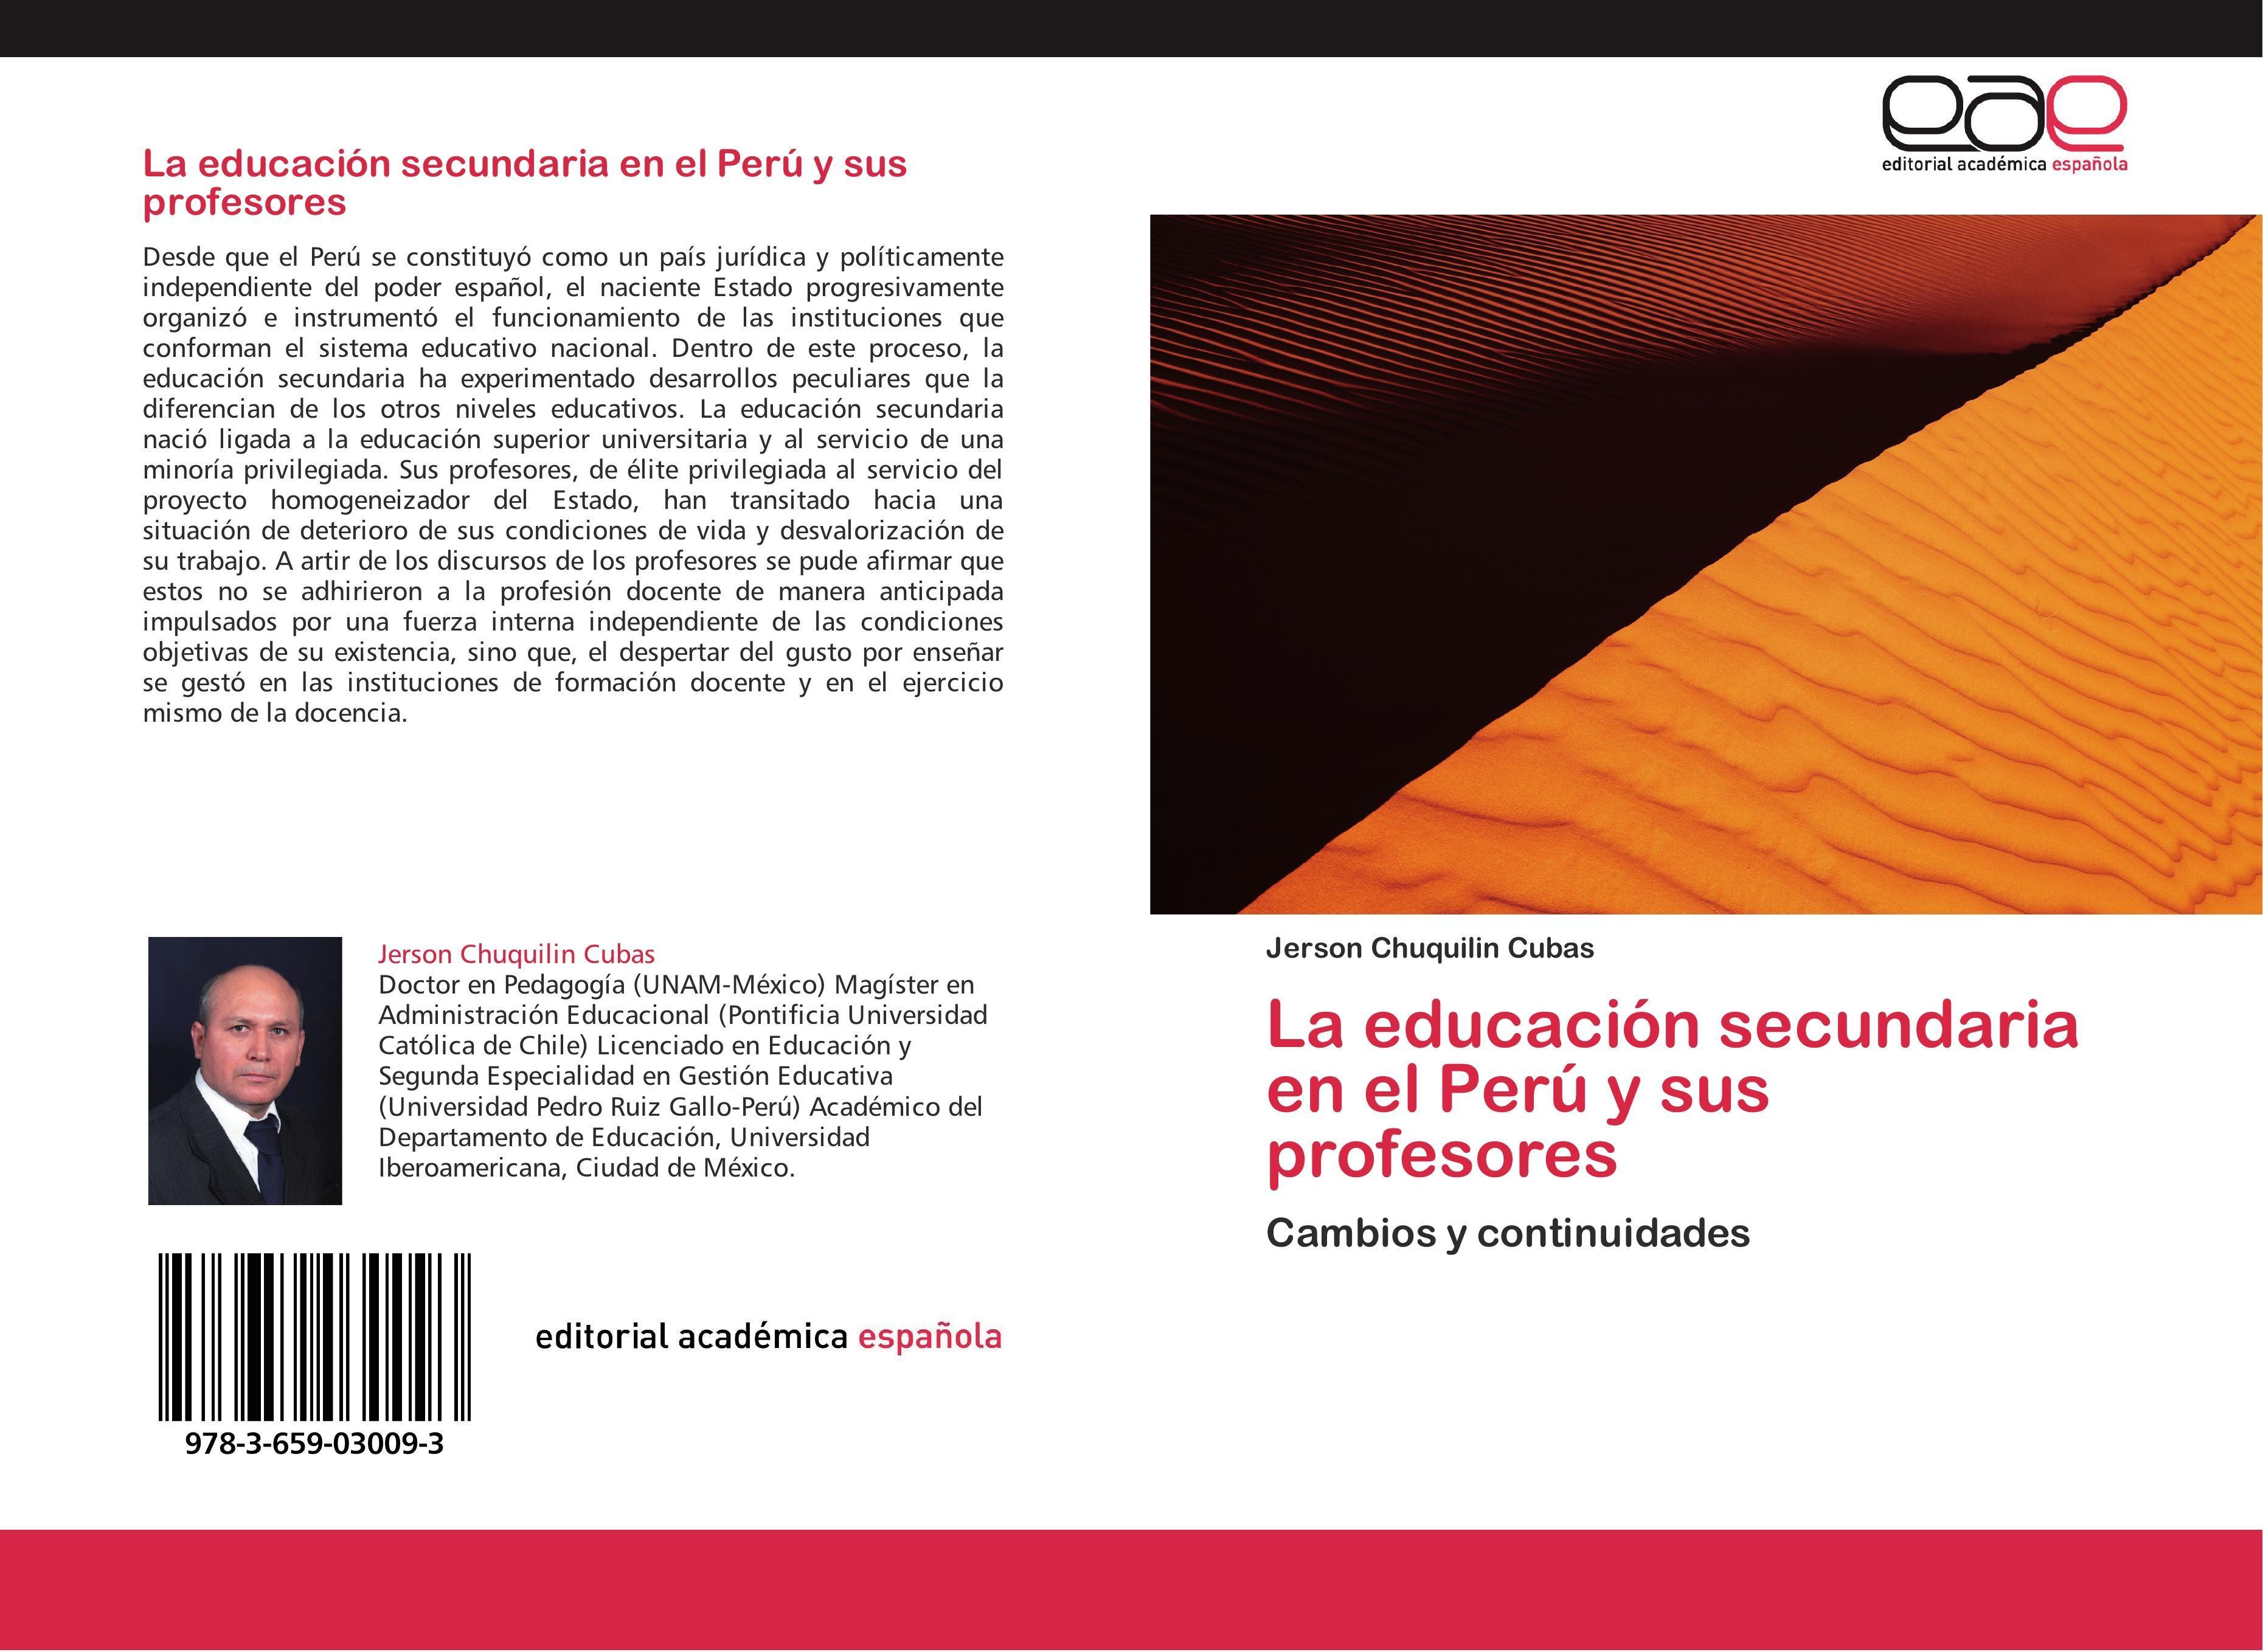 Jerson Chuquilin Cubas / La educación secundaria en el Perú y  ... 9783659030093